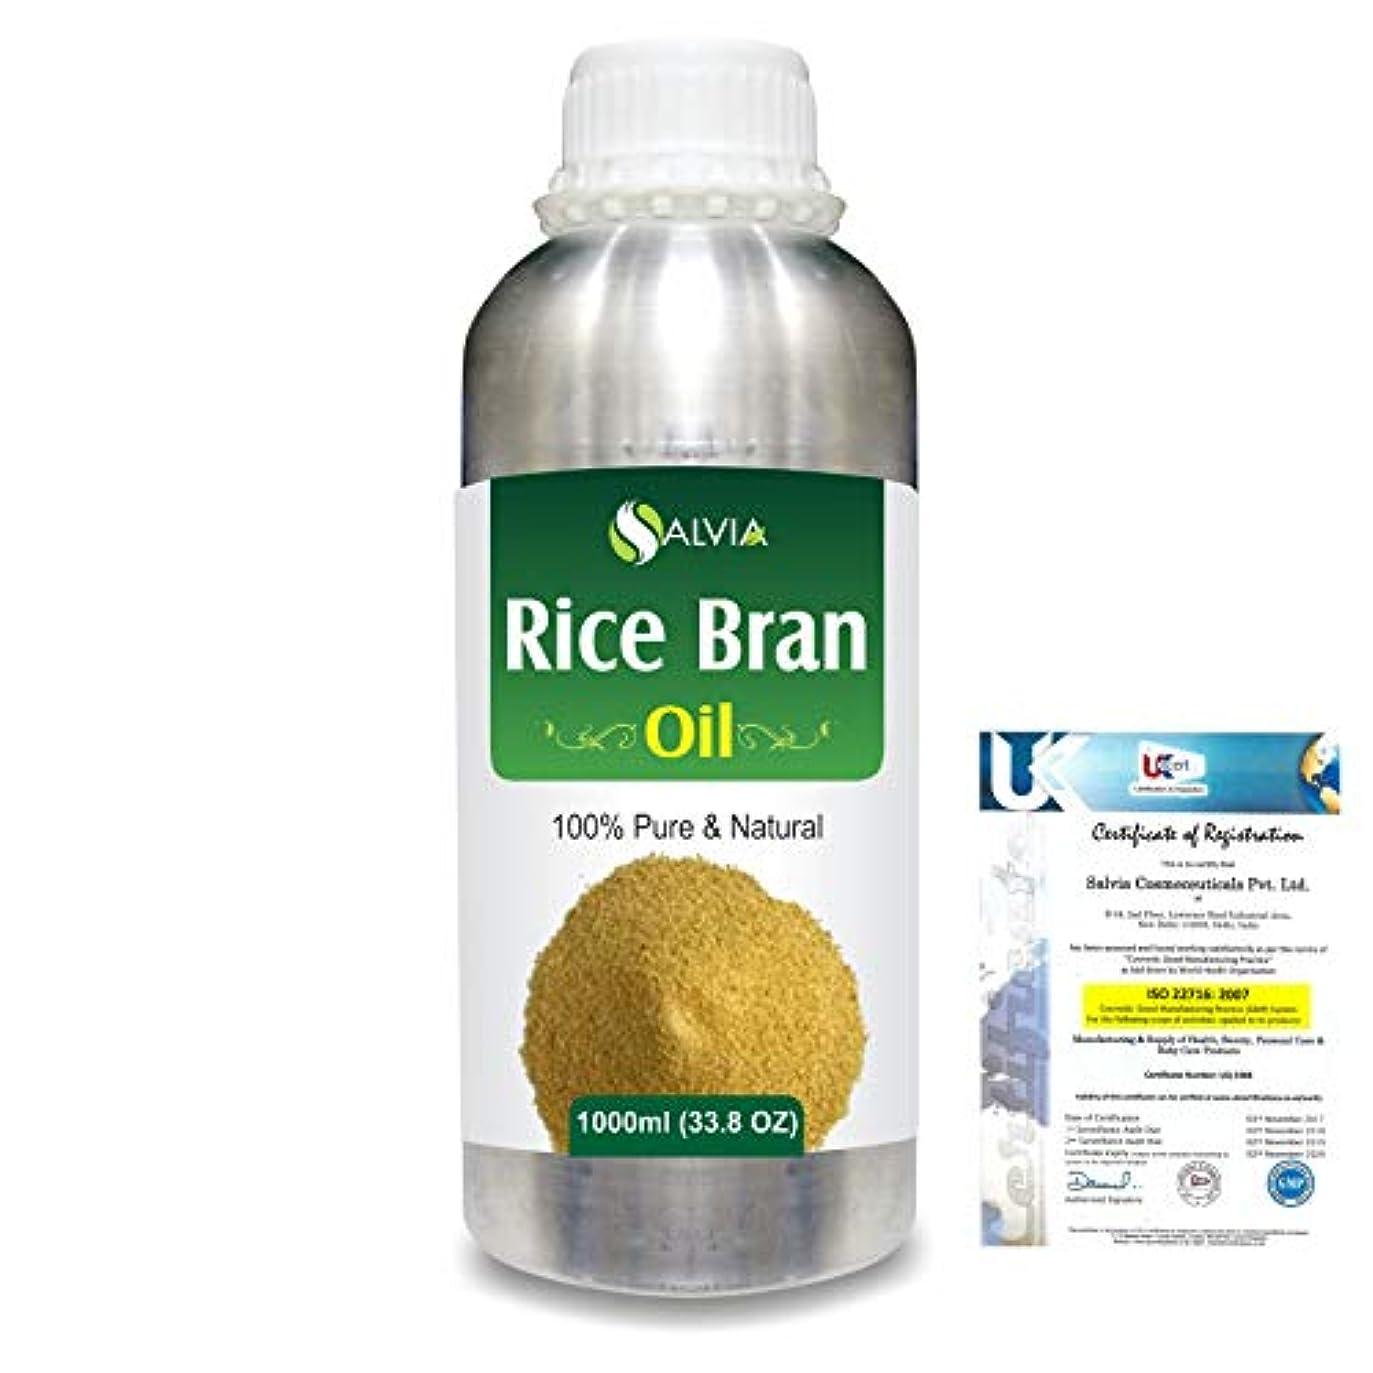 カナダシャーク失うRice Bran (Oryza sativa)100% Natural Pure Carrier Oil 1000ml/33.8fl.oz.